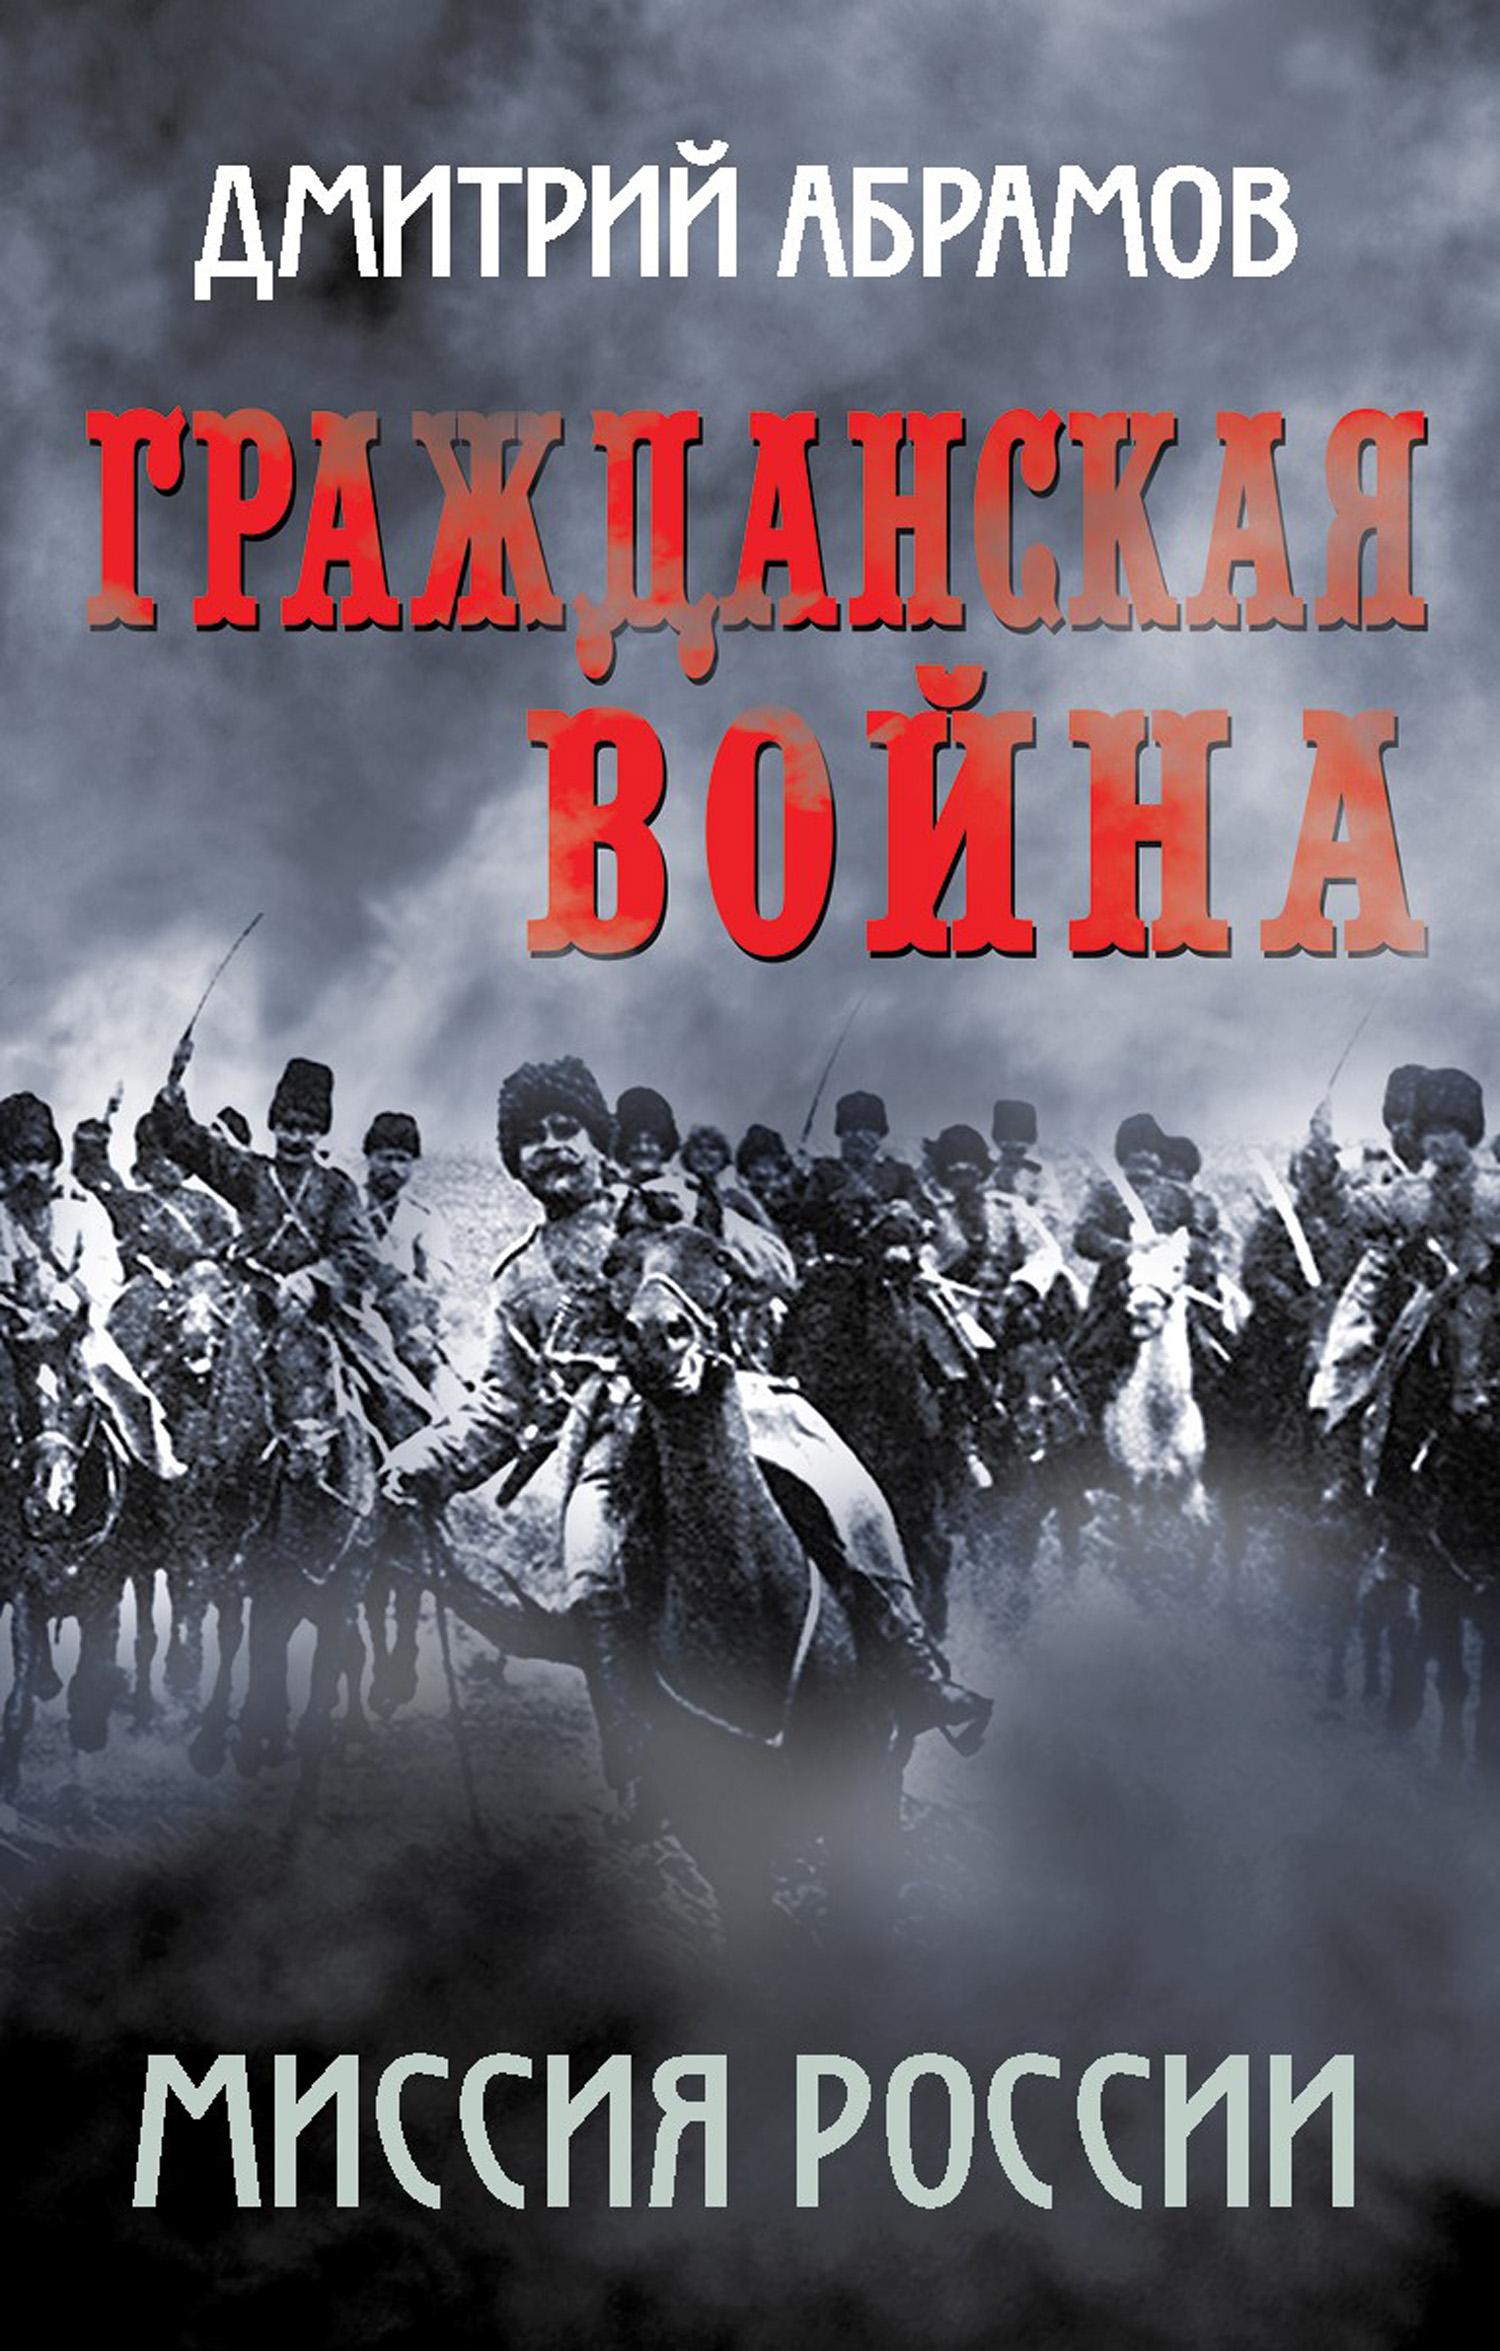 купить Дмитрий Абрамов Гражданская война. Миссия России по цене 164 рублей